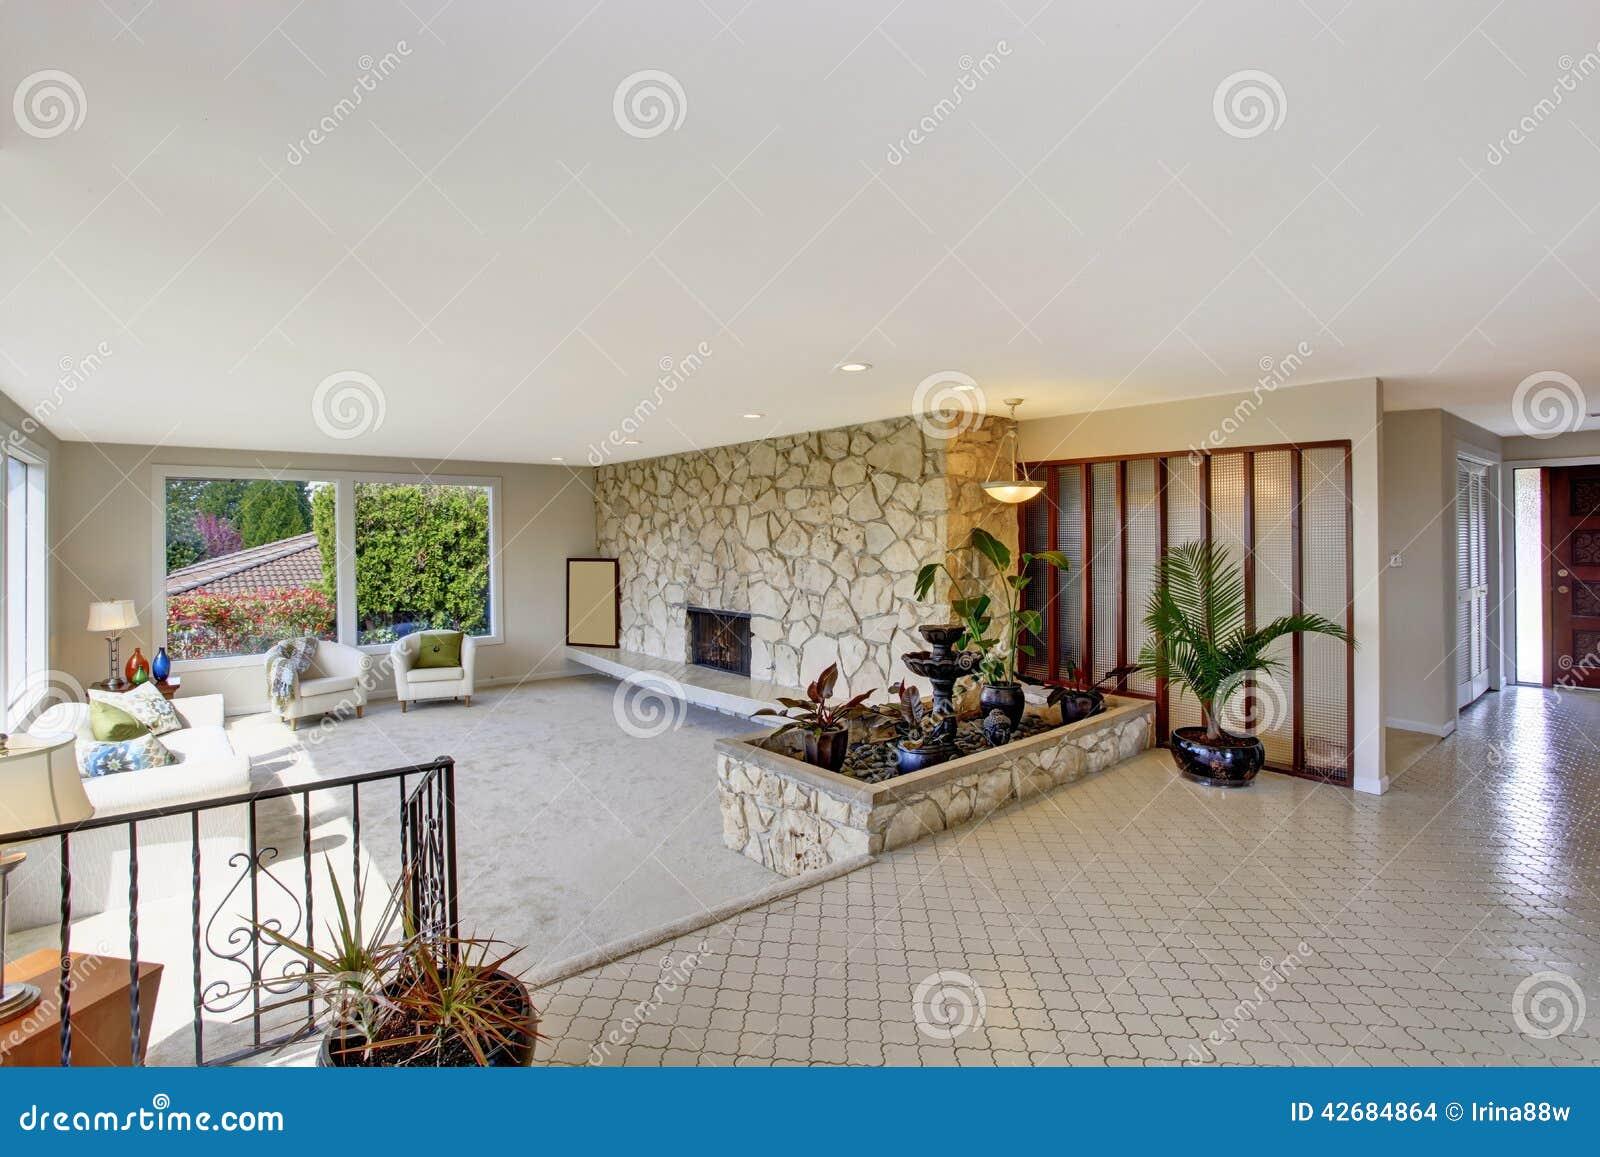 wohnzimmer mit brunnen im luxushaus stockfoto - bild: 42684864, Wohnzimmer dekoo